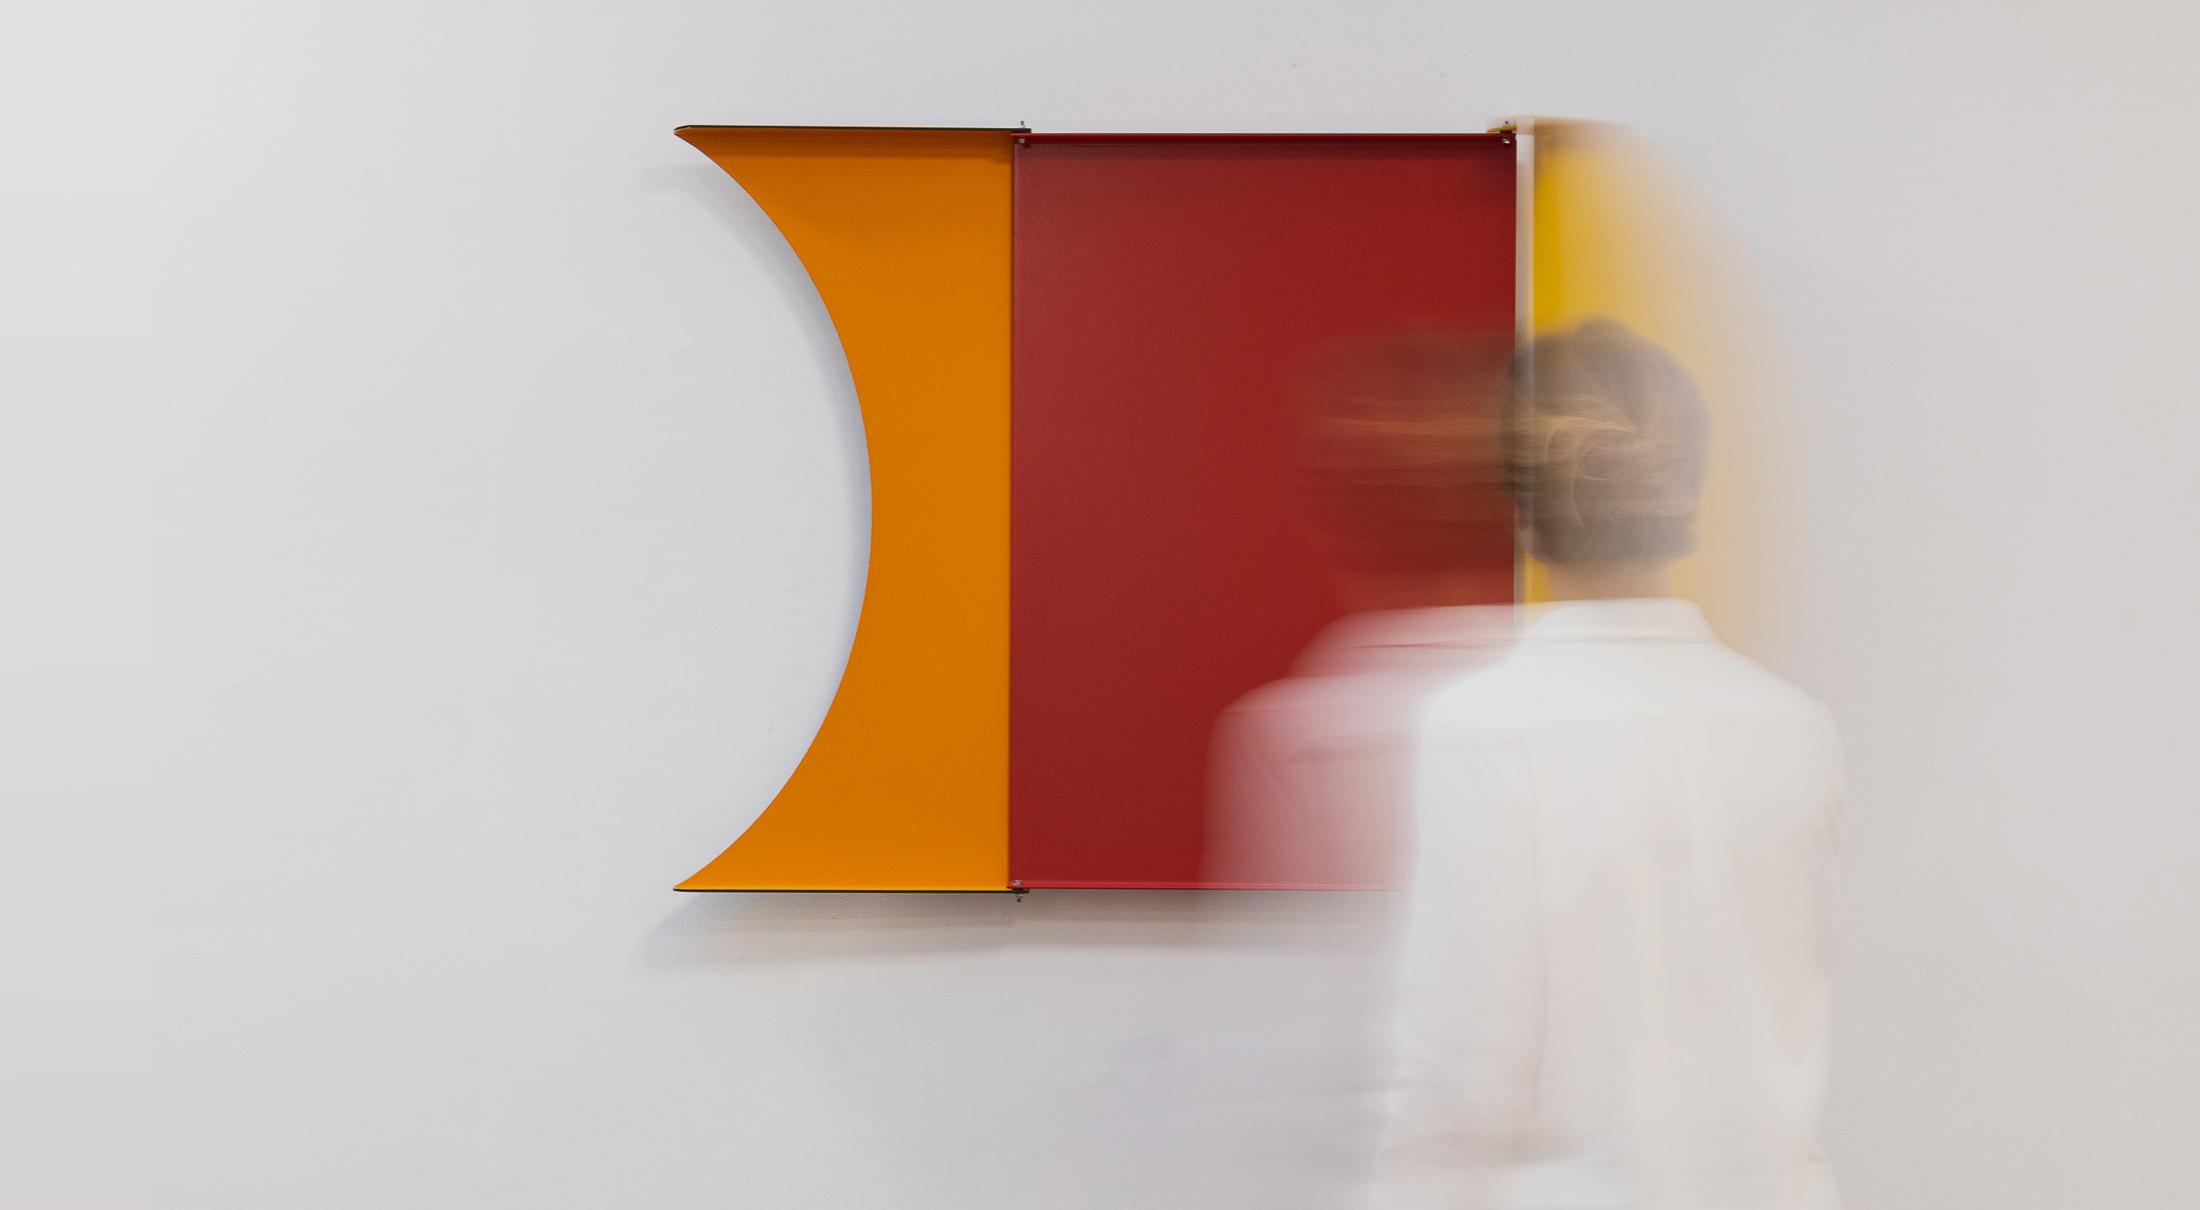 LOU VAN ´T RIET | Minimalist Landscapes Exposition > 27 février – 29 mai 2021 – NL-3